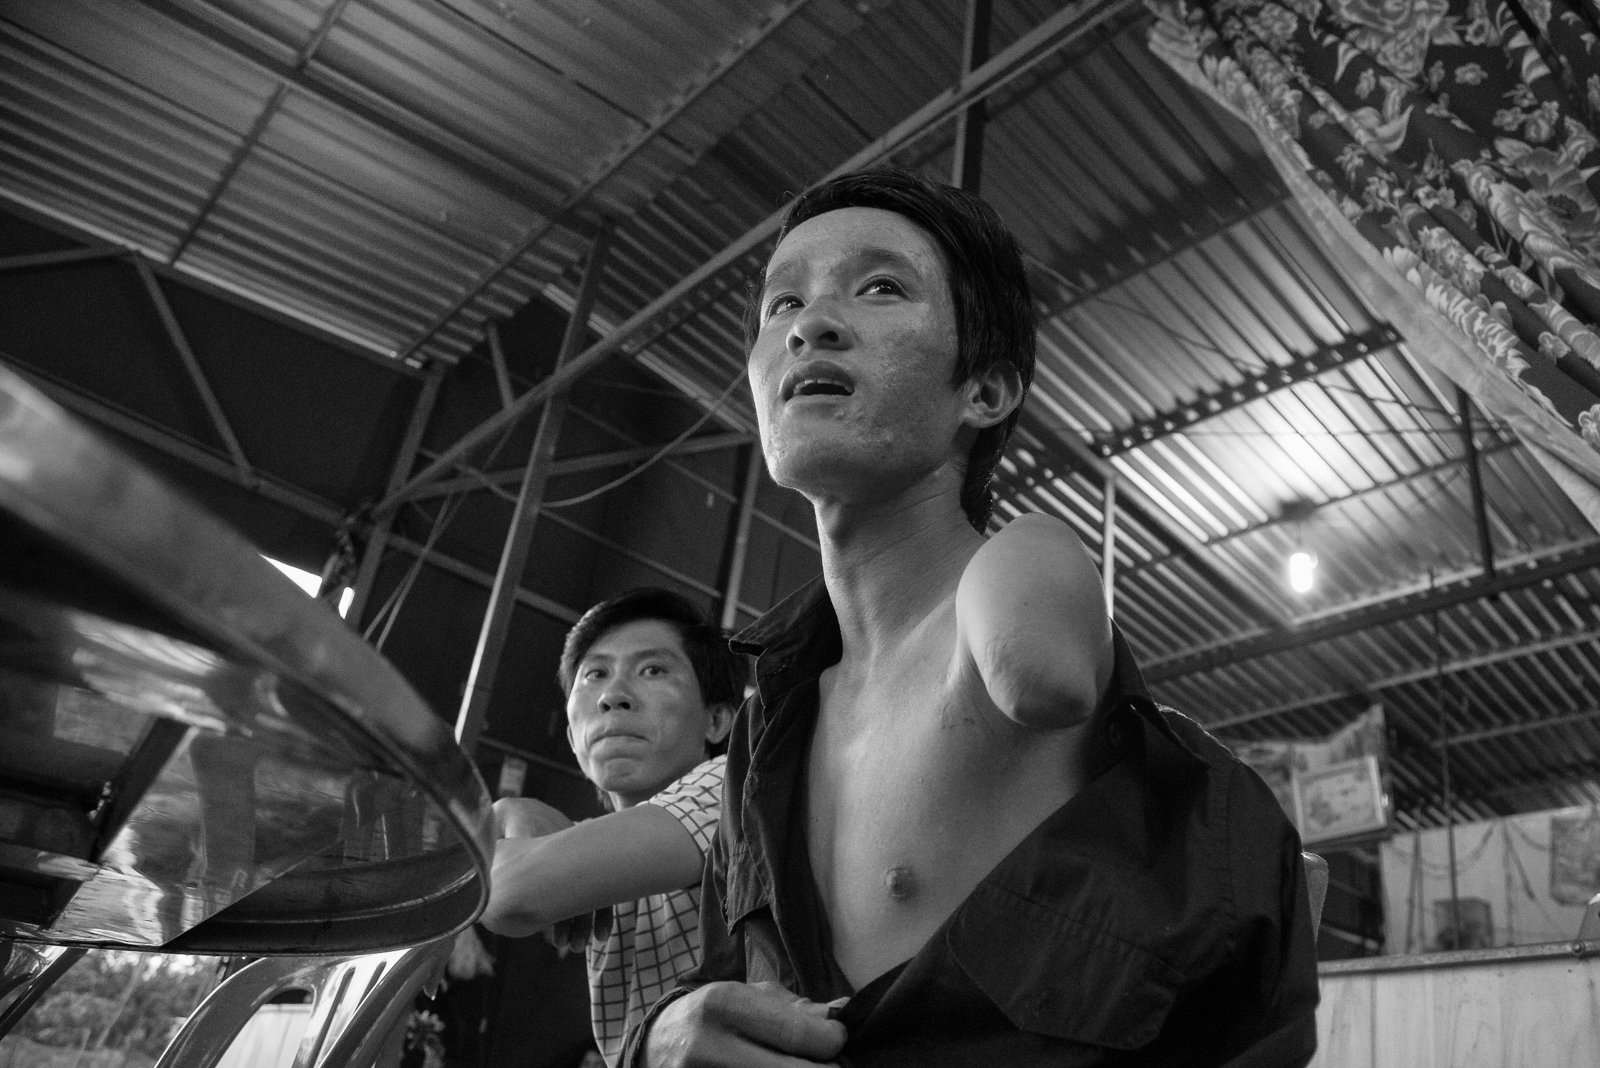 Biển Hồ là nơi anh Chi để lại cánh tay mình. Anh kể mình đang đánh cá thì bị máy ghe cắt lìa cánh tay. Anh không muốn quay lại đó mà quyết về Việt Nam tìm cách mưu sinh